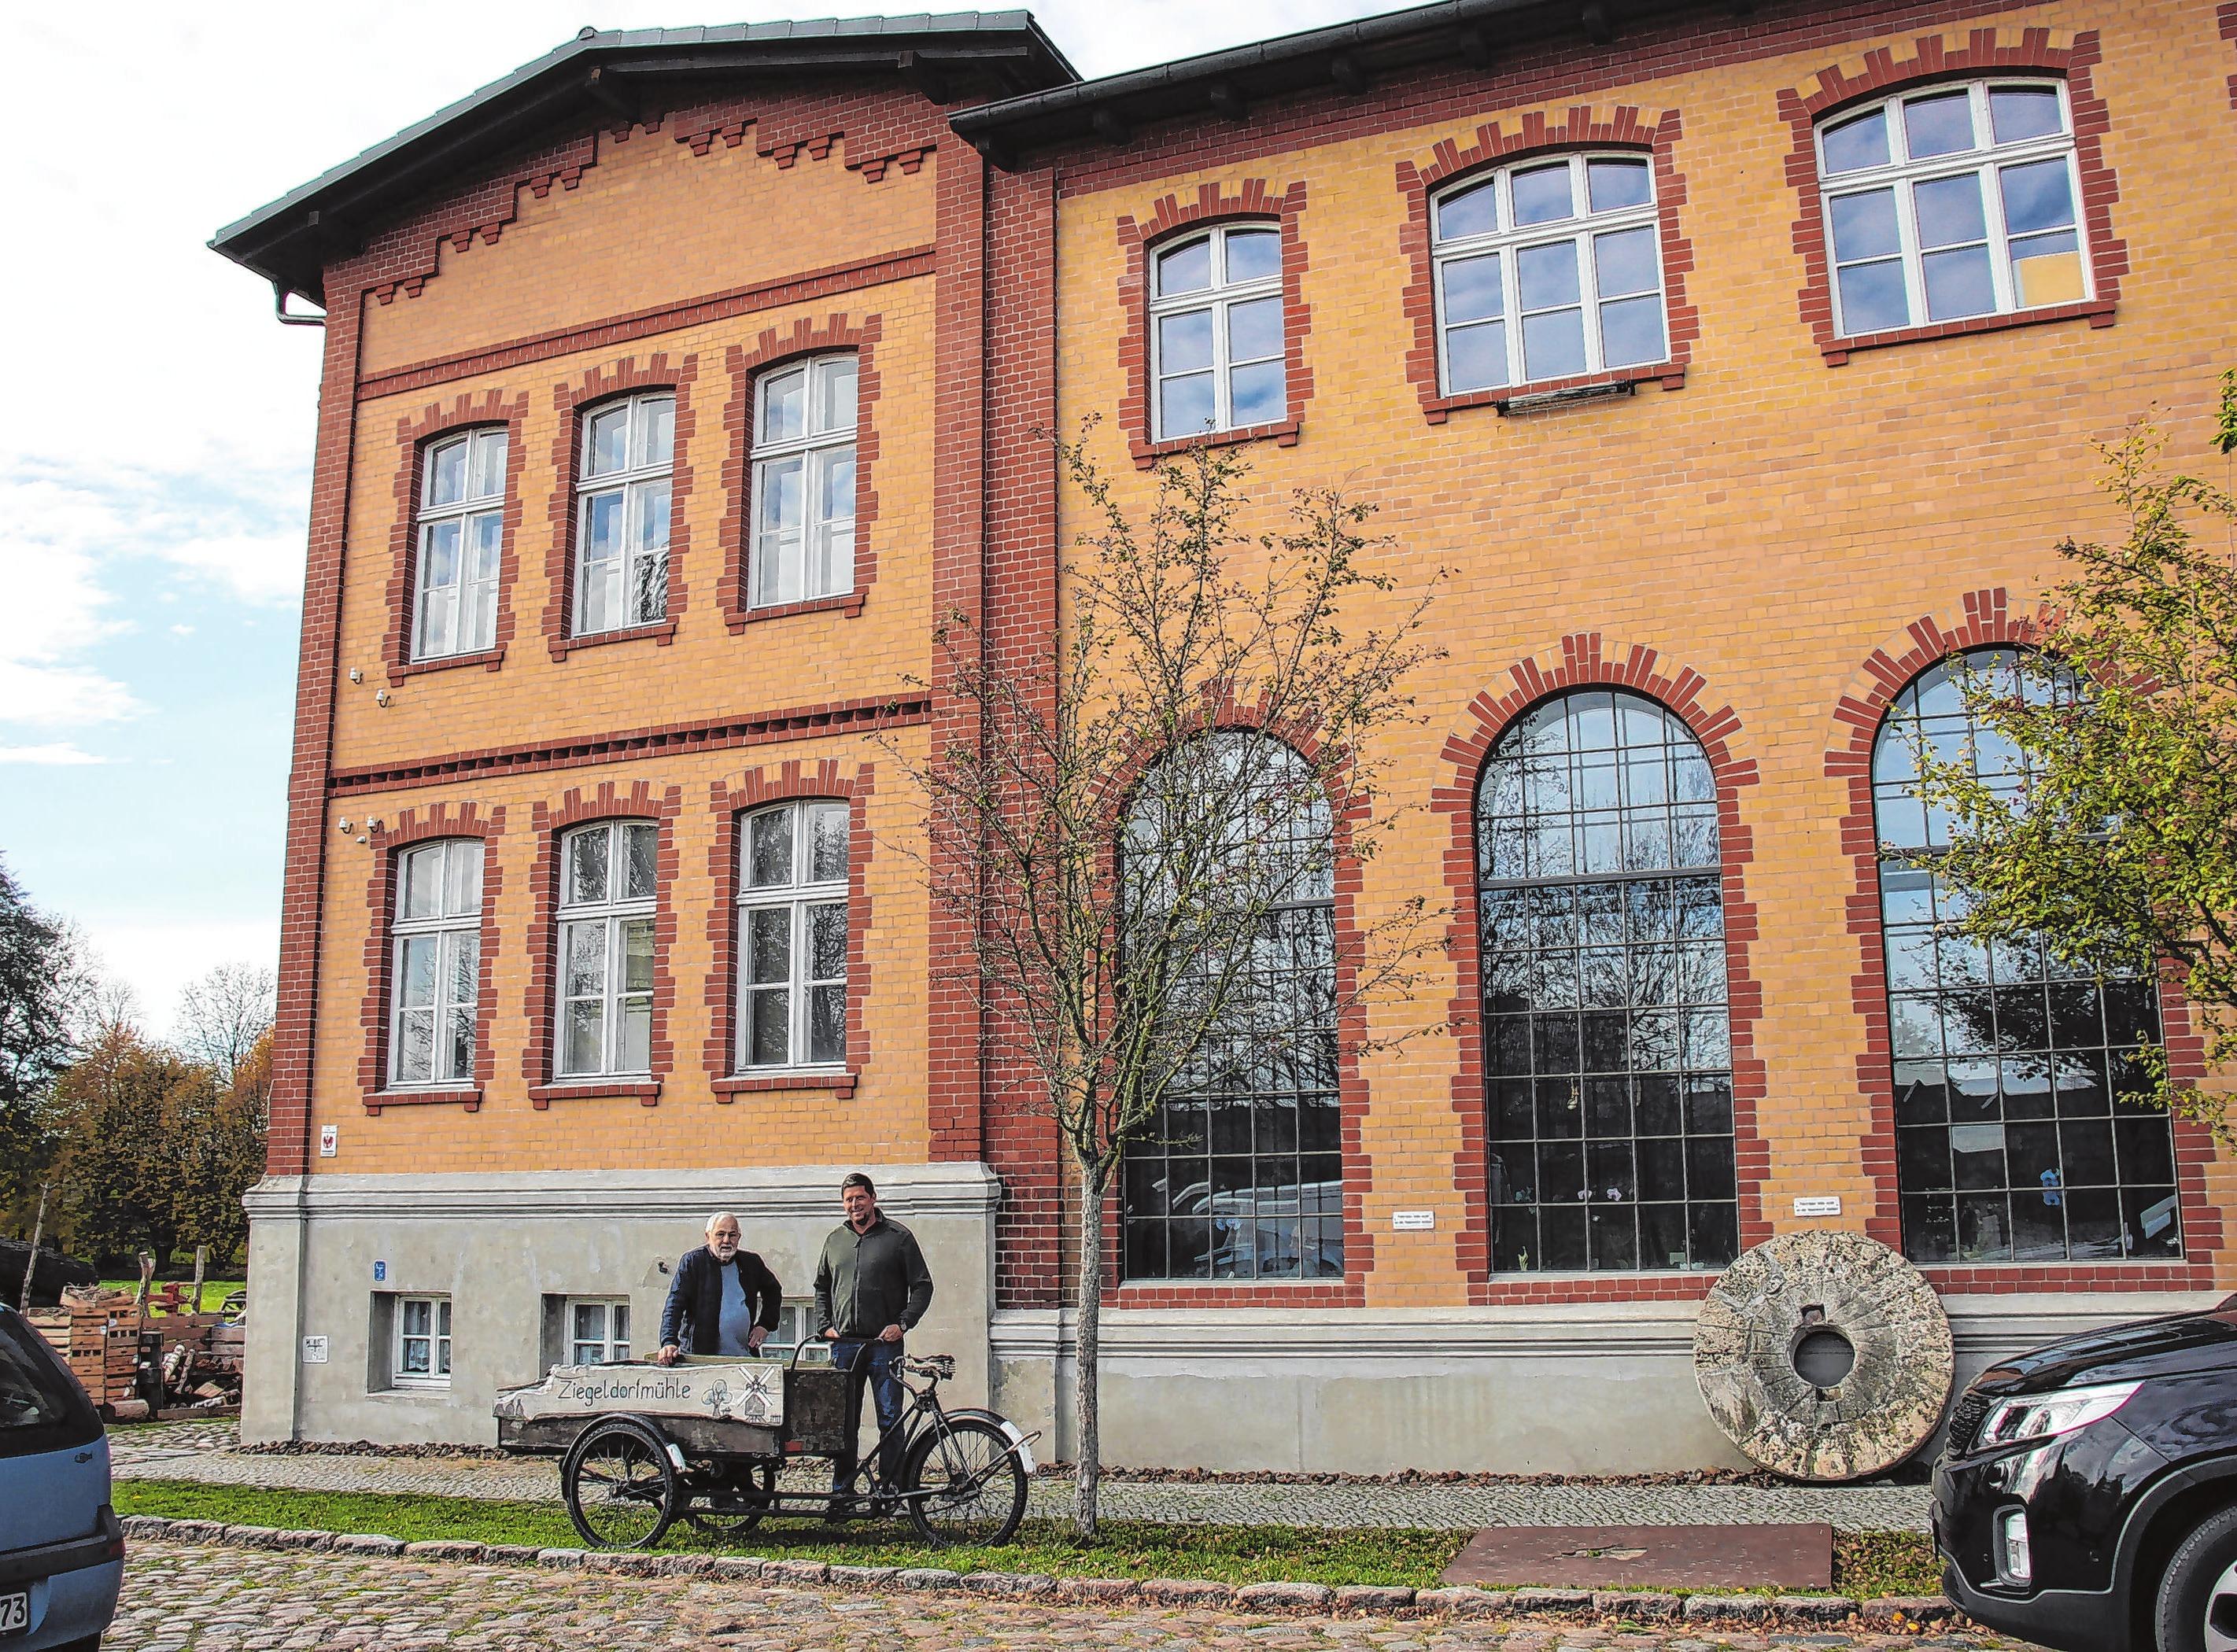 Im Mühlengut Ziegeldorf sind ab Januar 2019 die neuen Geschäftsräume der Devau - Werbung zu finden. Der Eingang ist auf der Rückseite des Hauses, eine grüne Tür, die man über den Biergarten des Griechischen Restaurants erreicht. Neben diesem Restaurant befinden sich auch die Schaubrennerei des Ziegelbräus und Seminar- und Ausstellungsräume in dem historischen Gebäude von 1899. Das alte E-Werk wurde früher auch als Industriemühle genutzt und hat seinen Namen von der letzten Müllerfamilie, Familie Ziegeldorf, bekommen.